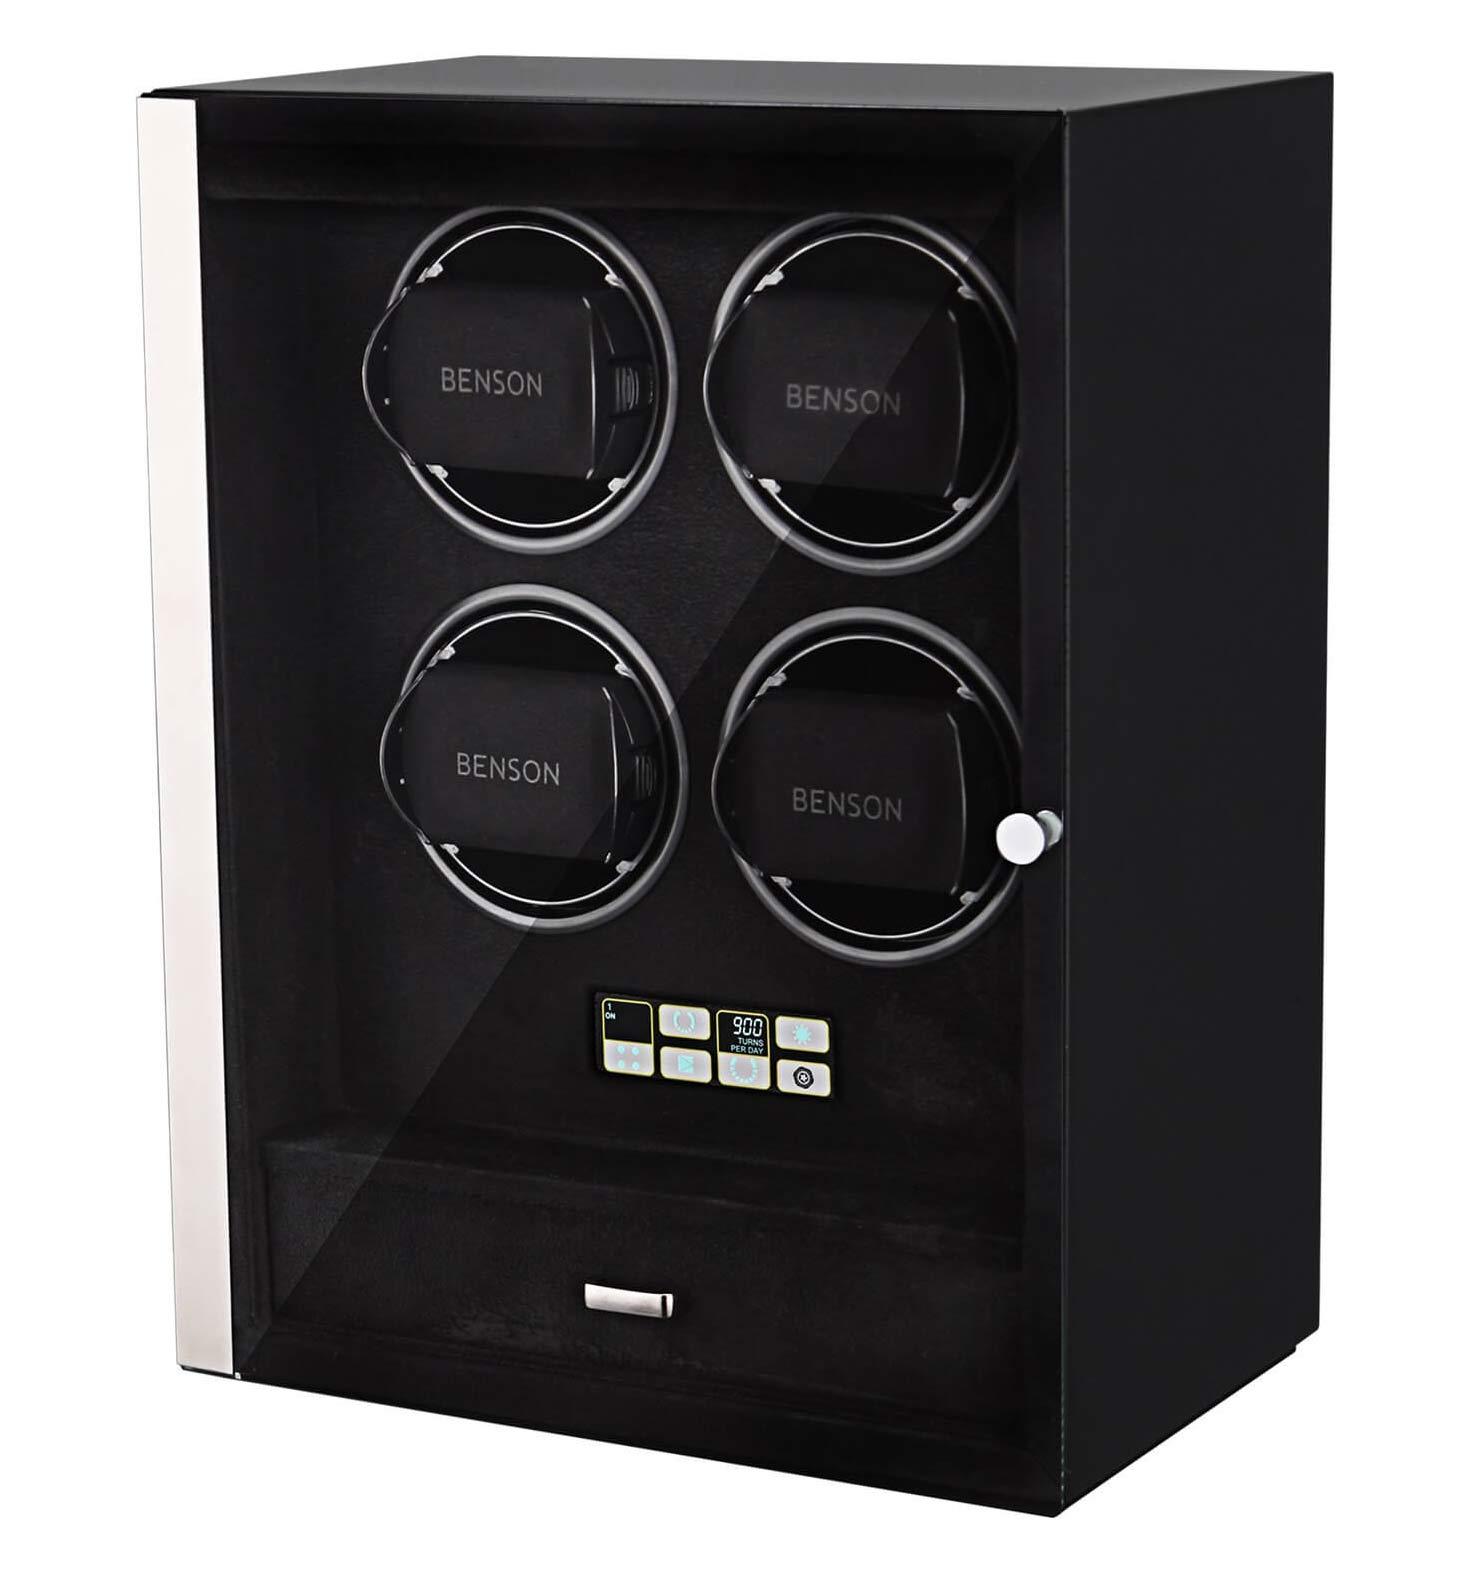 Benson 4.18B Smart-Tech Деревянная шкатулка для 4 часов с автоподзаводом. ЖК дисплей, светодиодная подсветка.